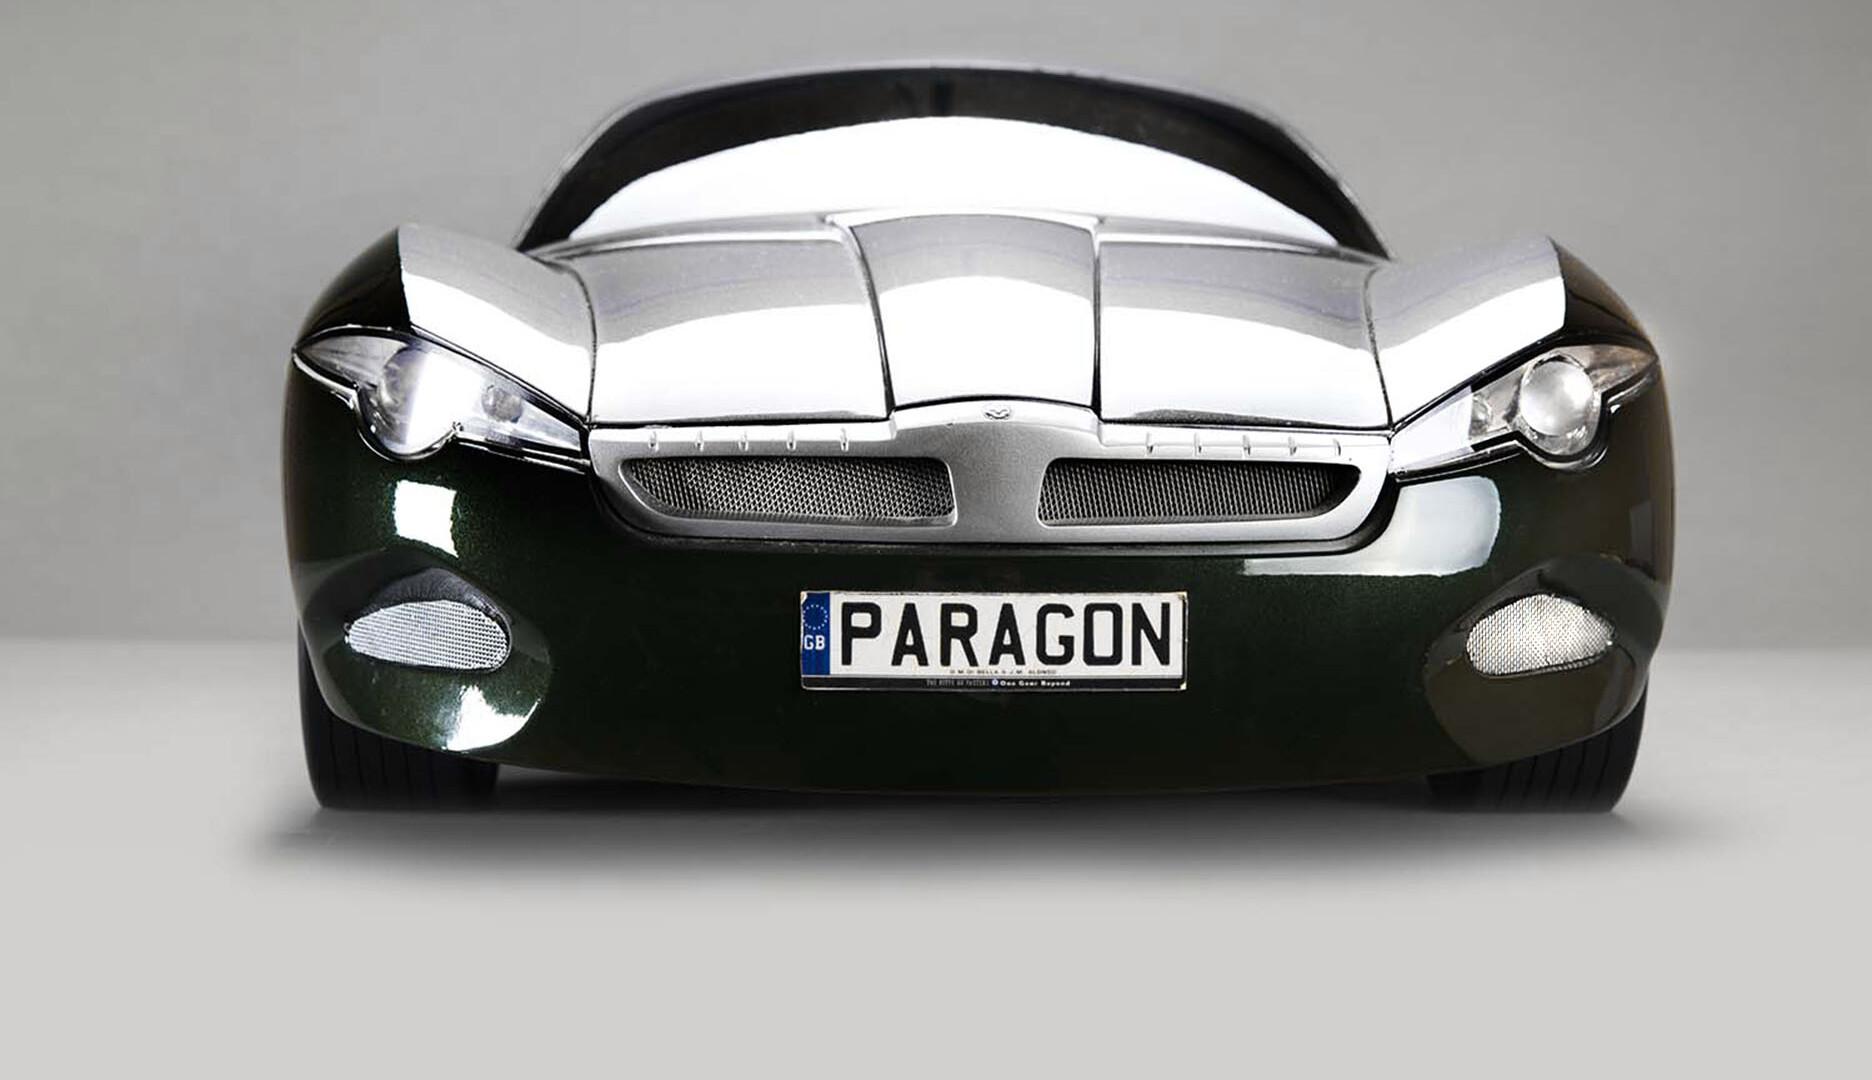 Model samochodu Paragon, fot. L. Żurek